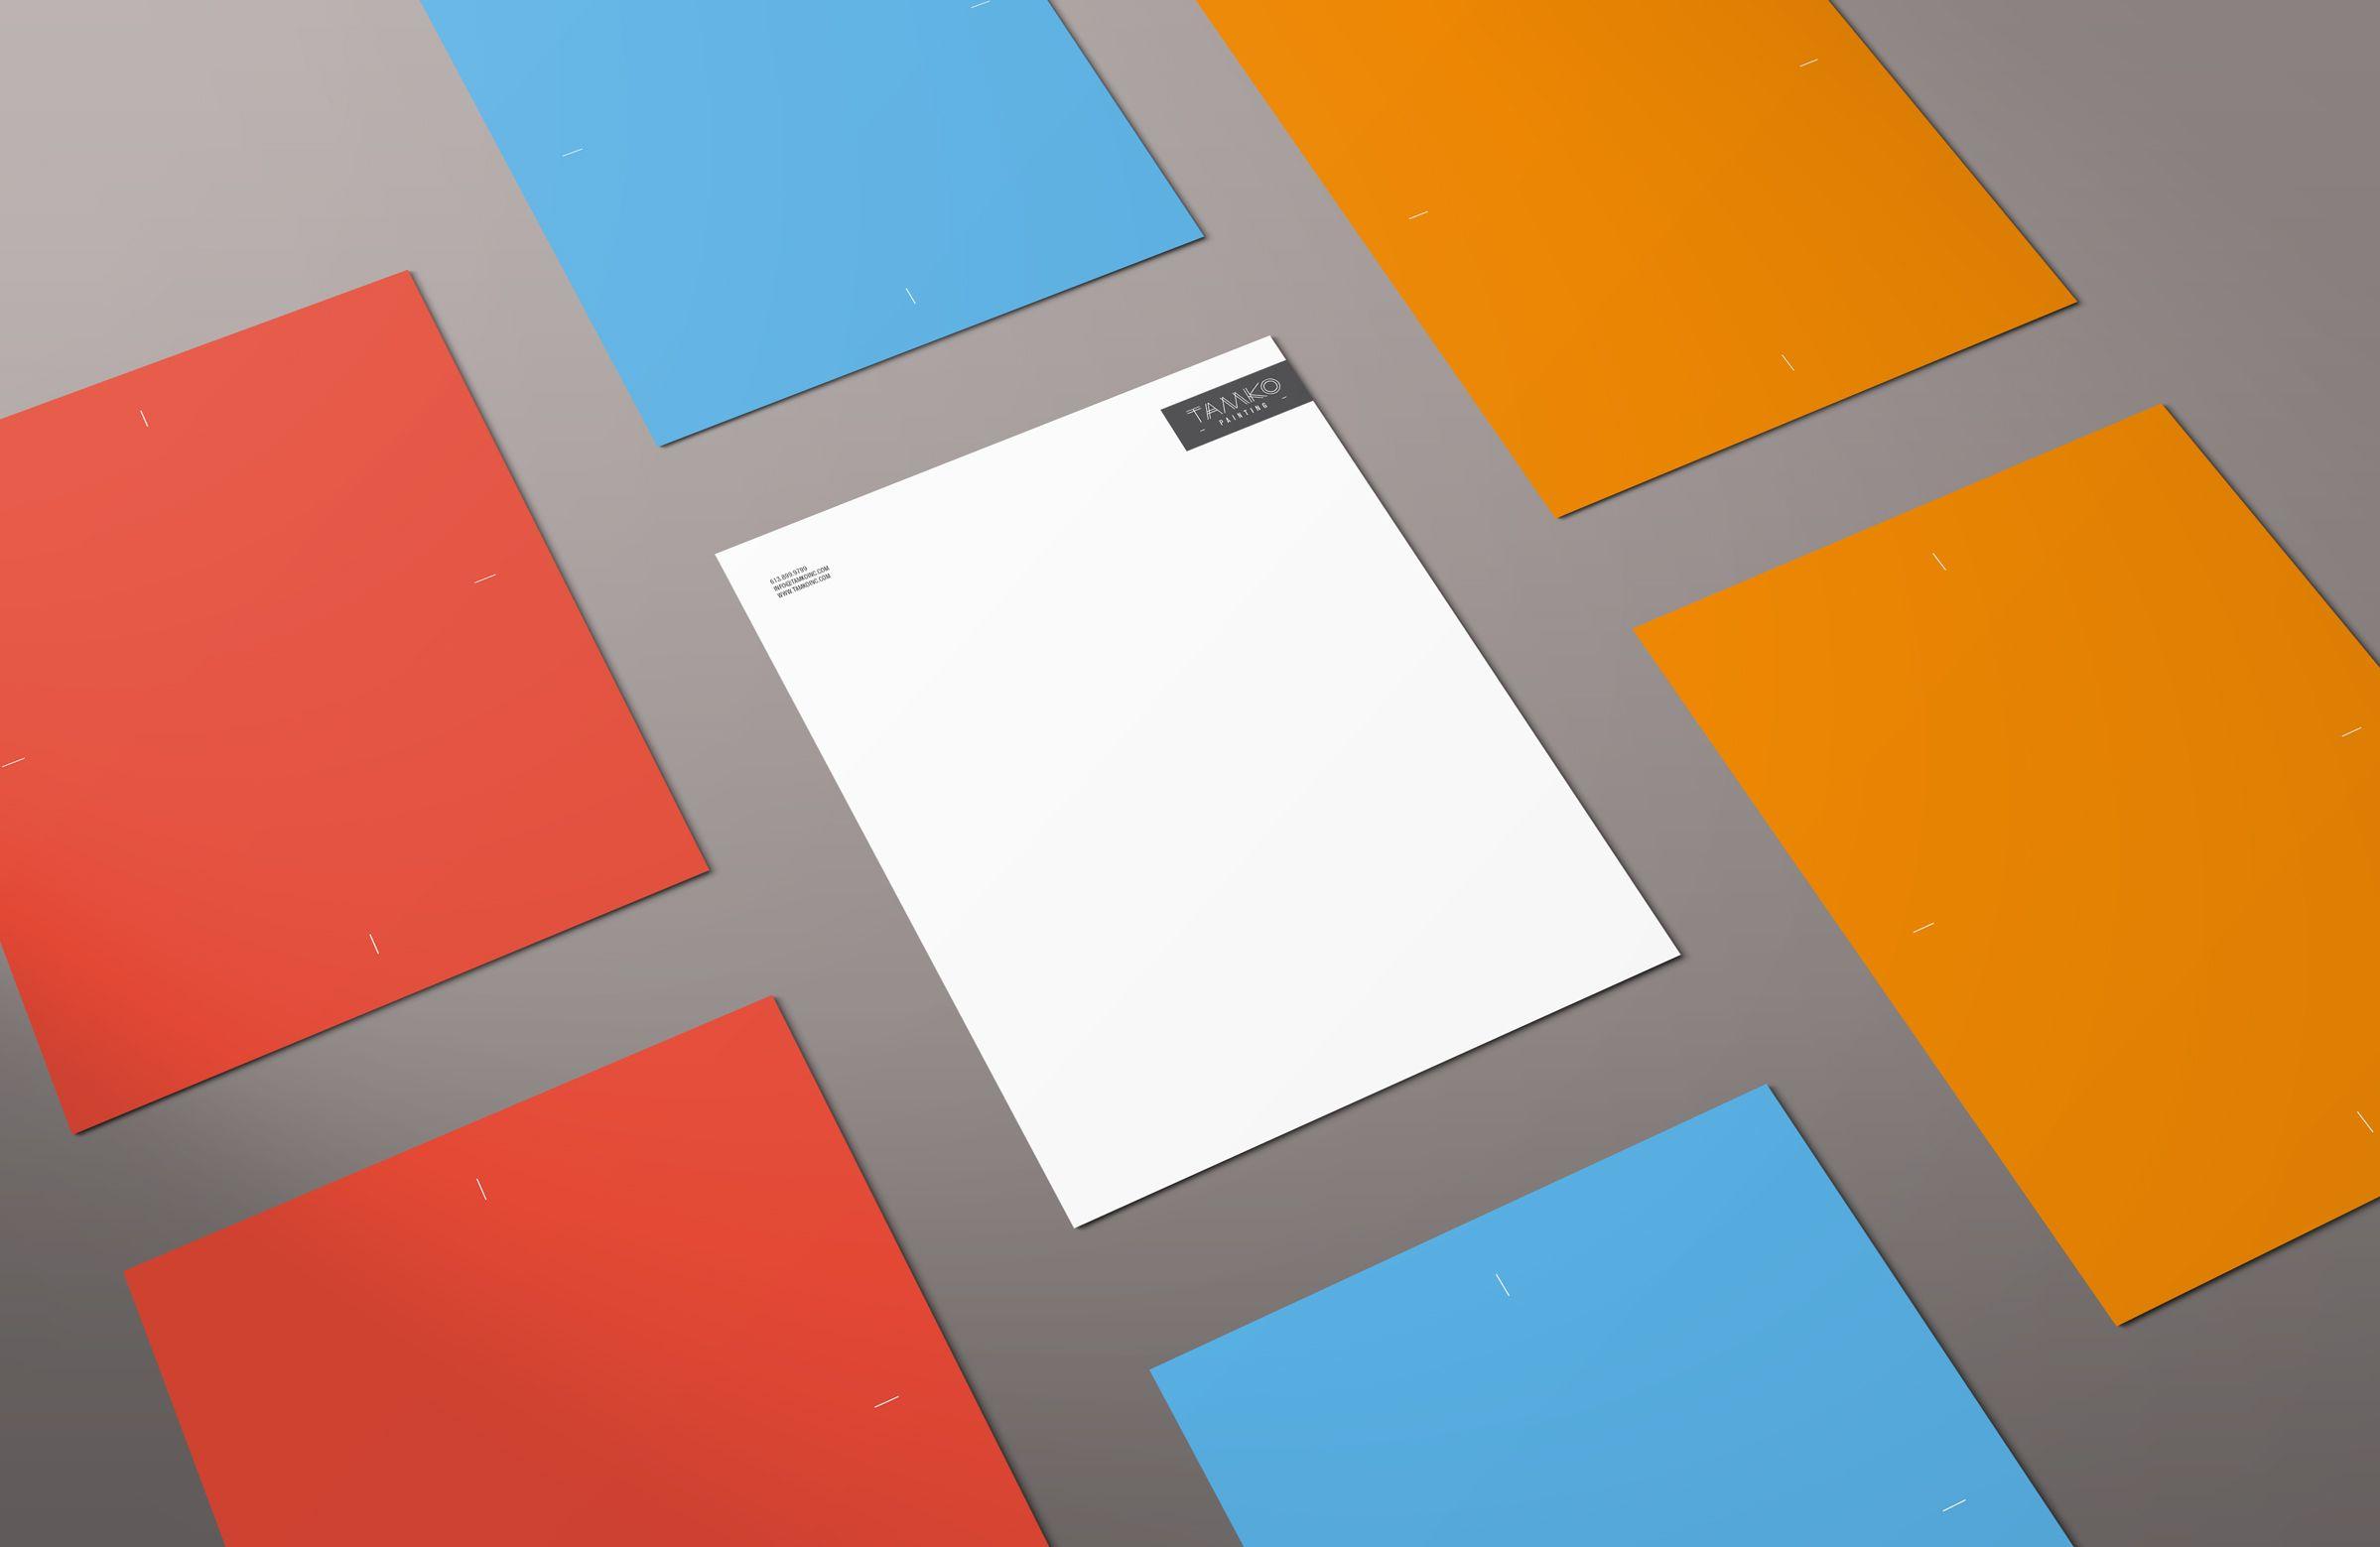 Letterhead for Contractor Company Tamko by Ottawa Graphic Designer idApostle